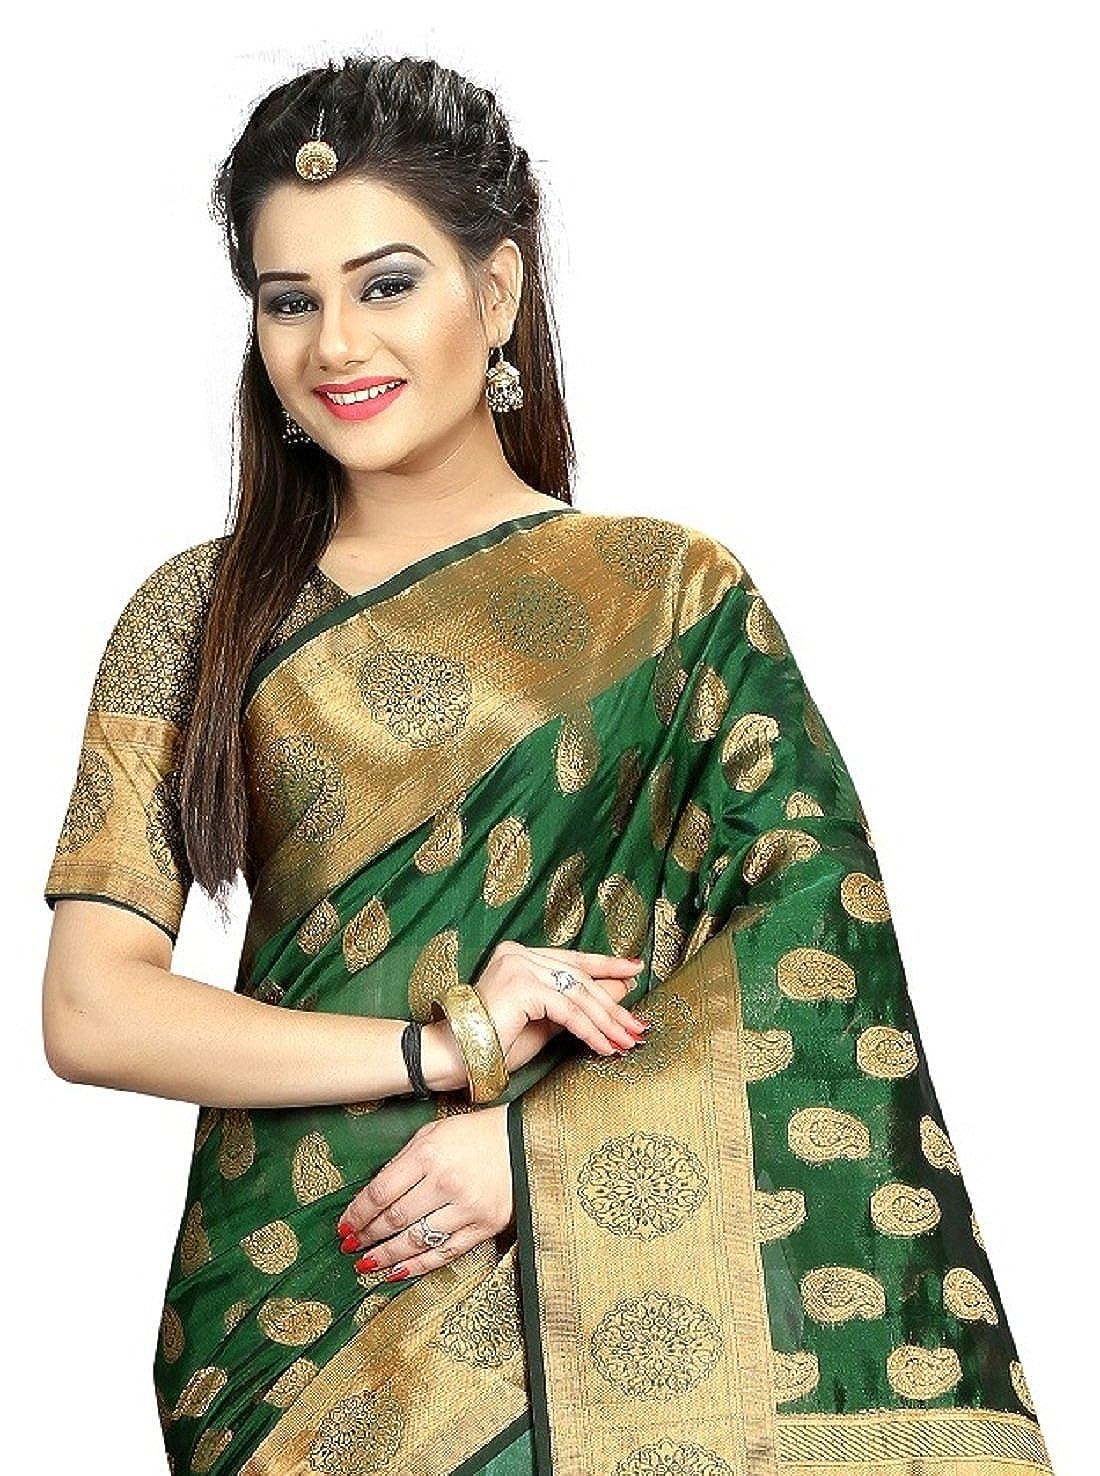 e5b8b5375a5b7 Hinayat Fashion Women s Banarasi Silk Saree